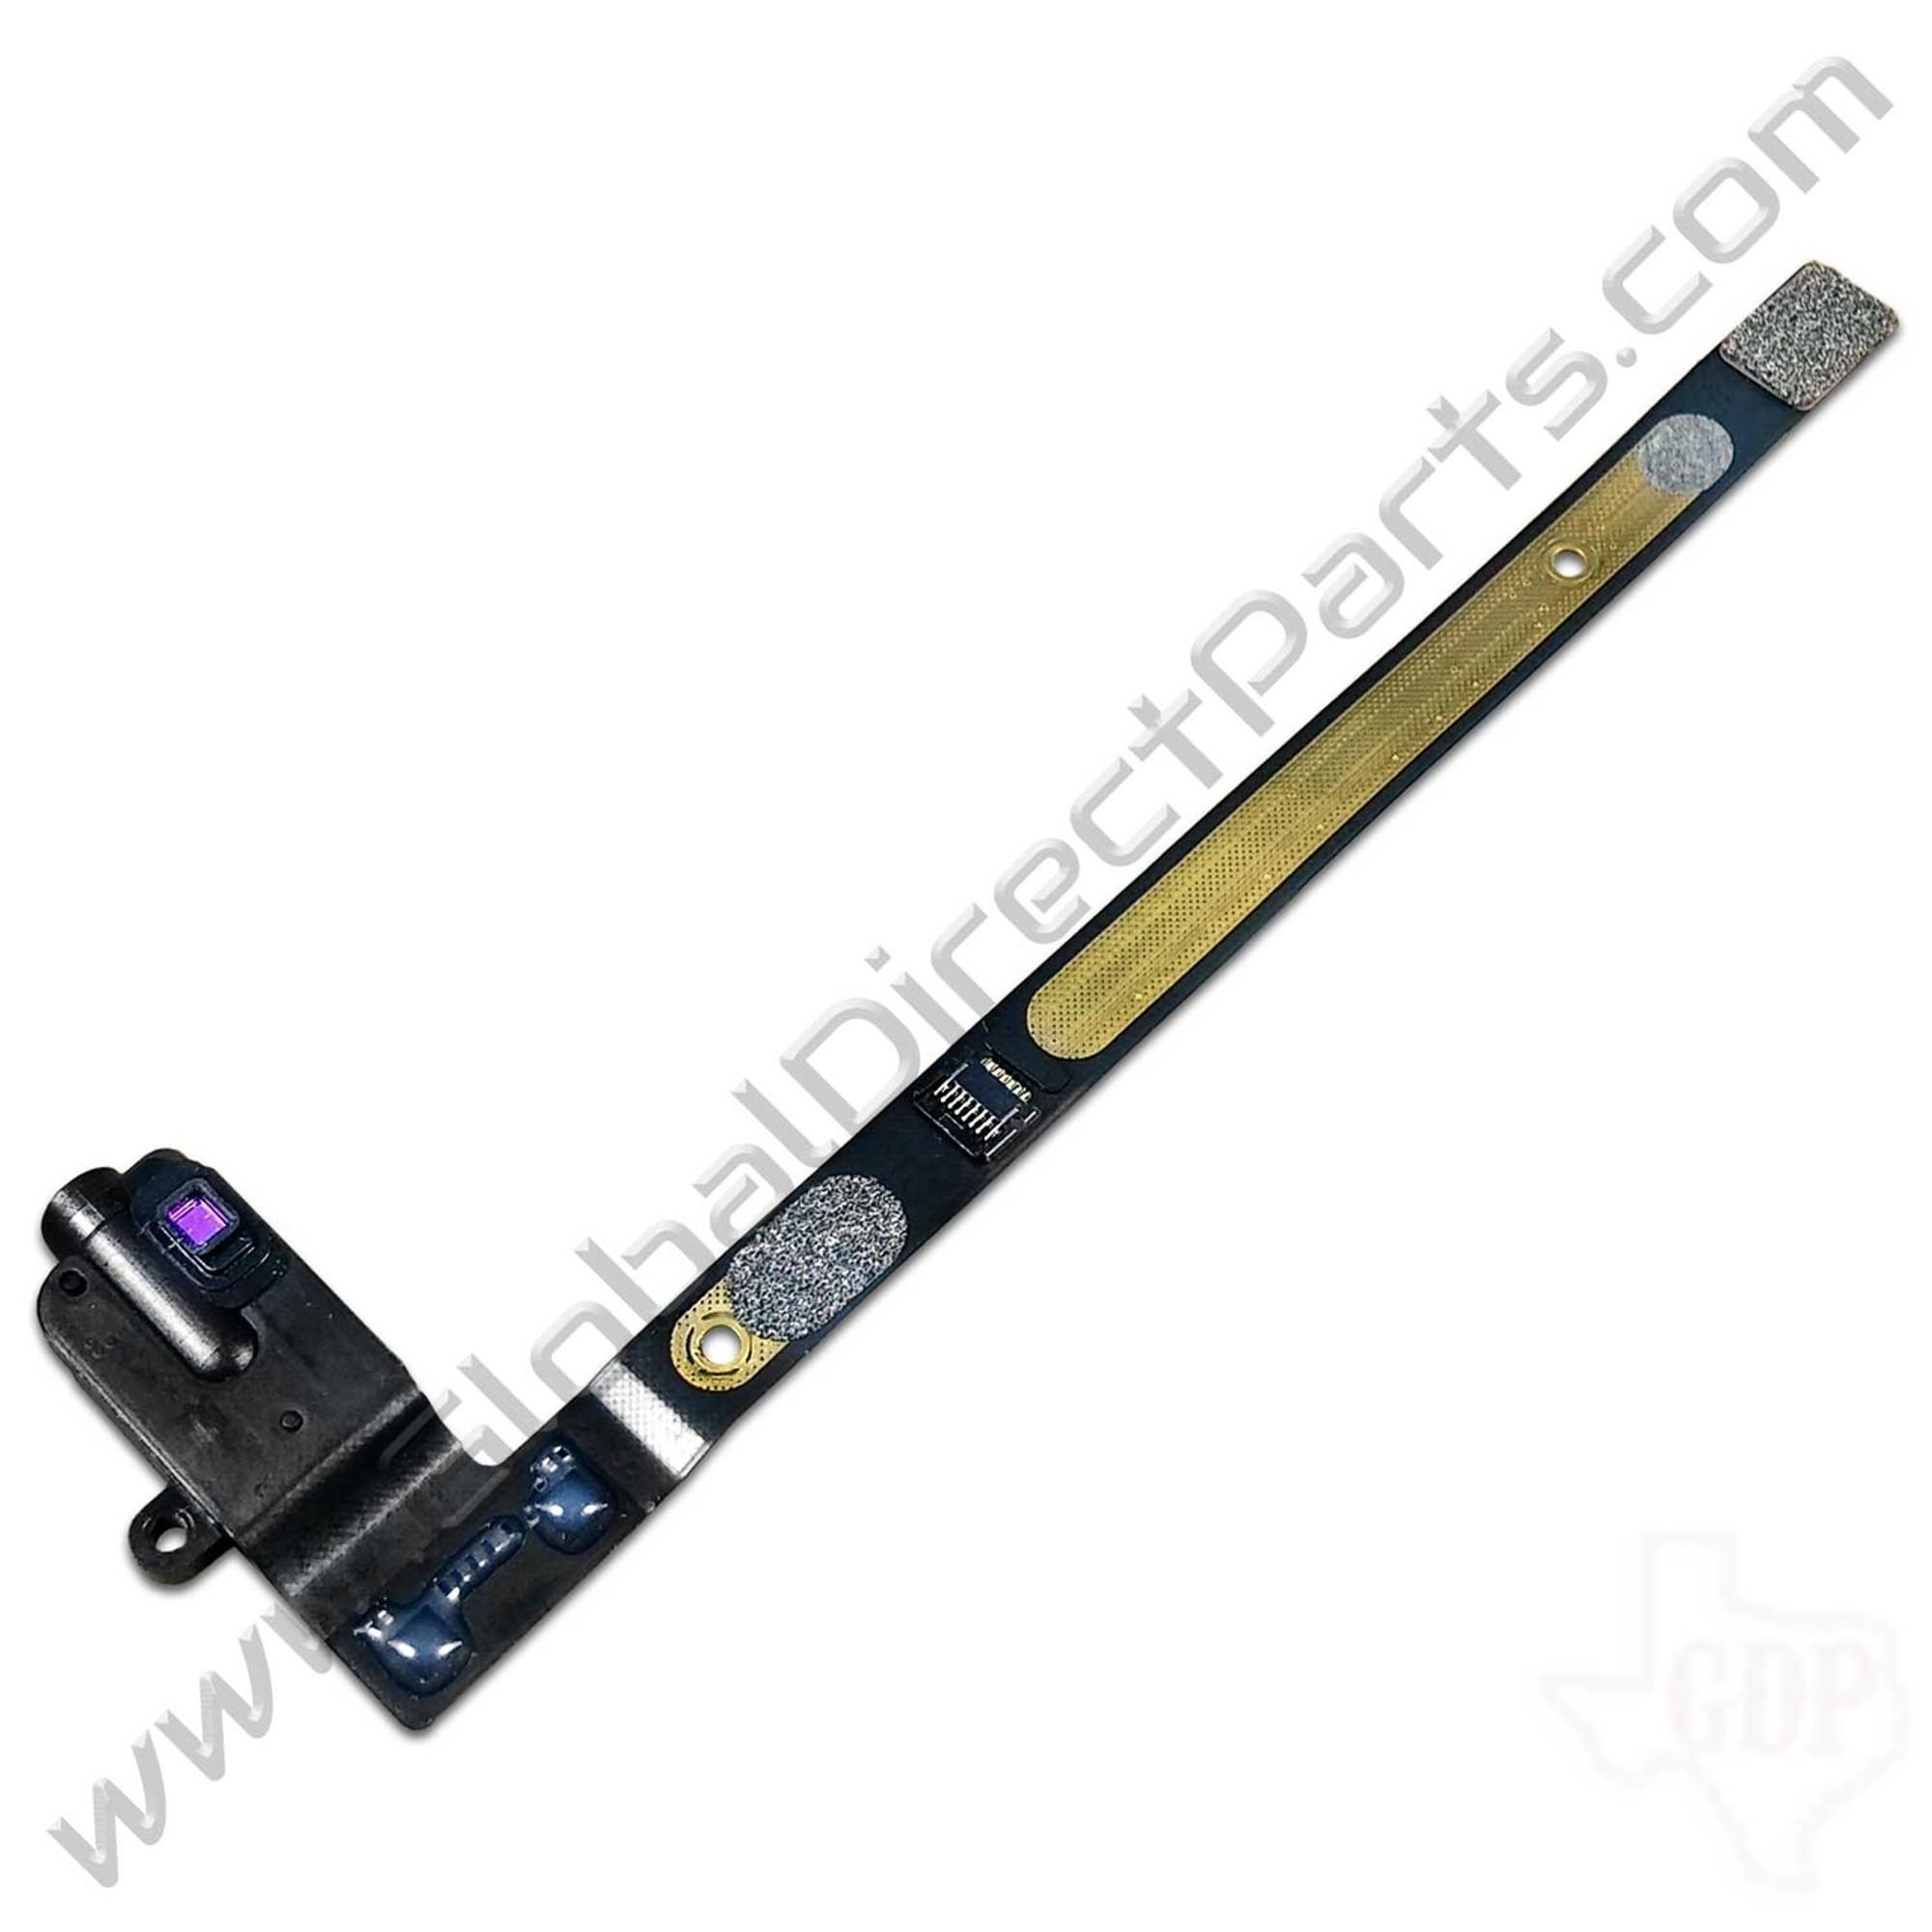 Ambient Light Sensor >> Oem Apple Ipad Air 2 Audio Jack With Ambient Light Sensor Black